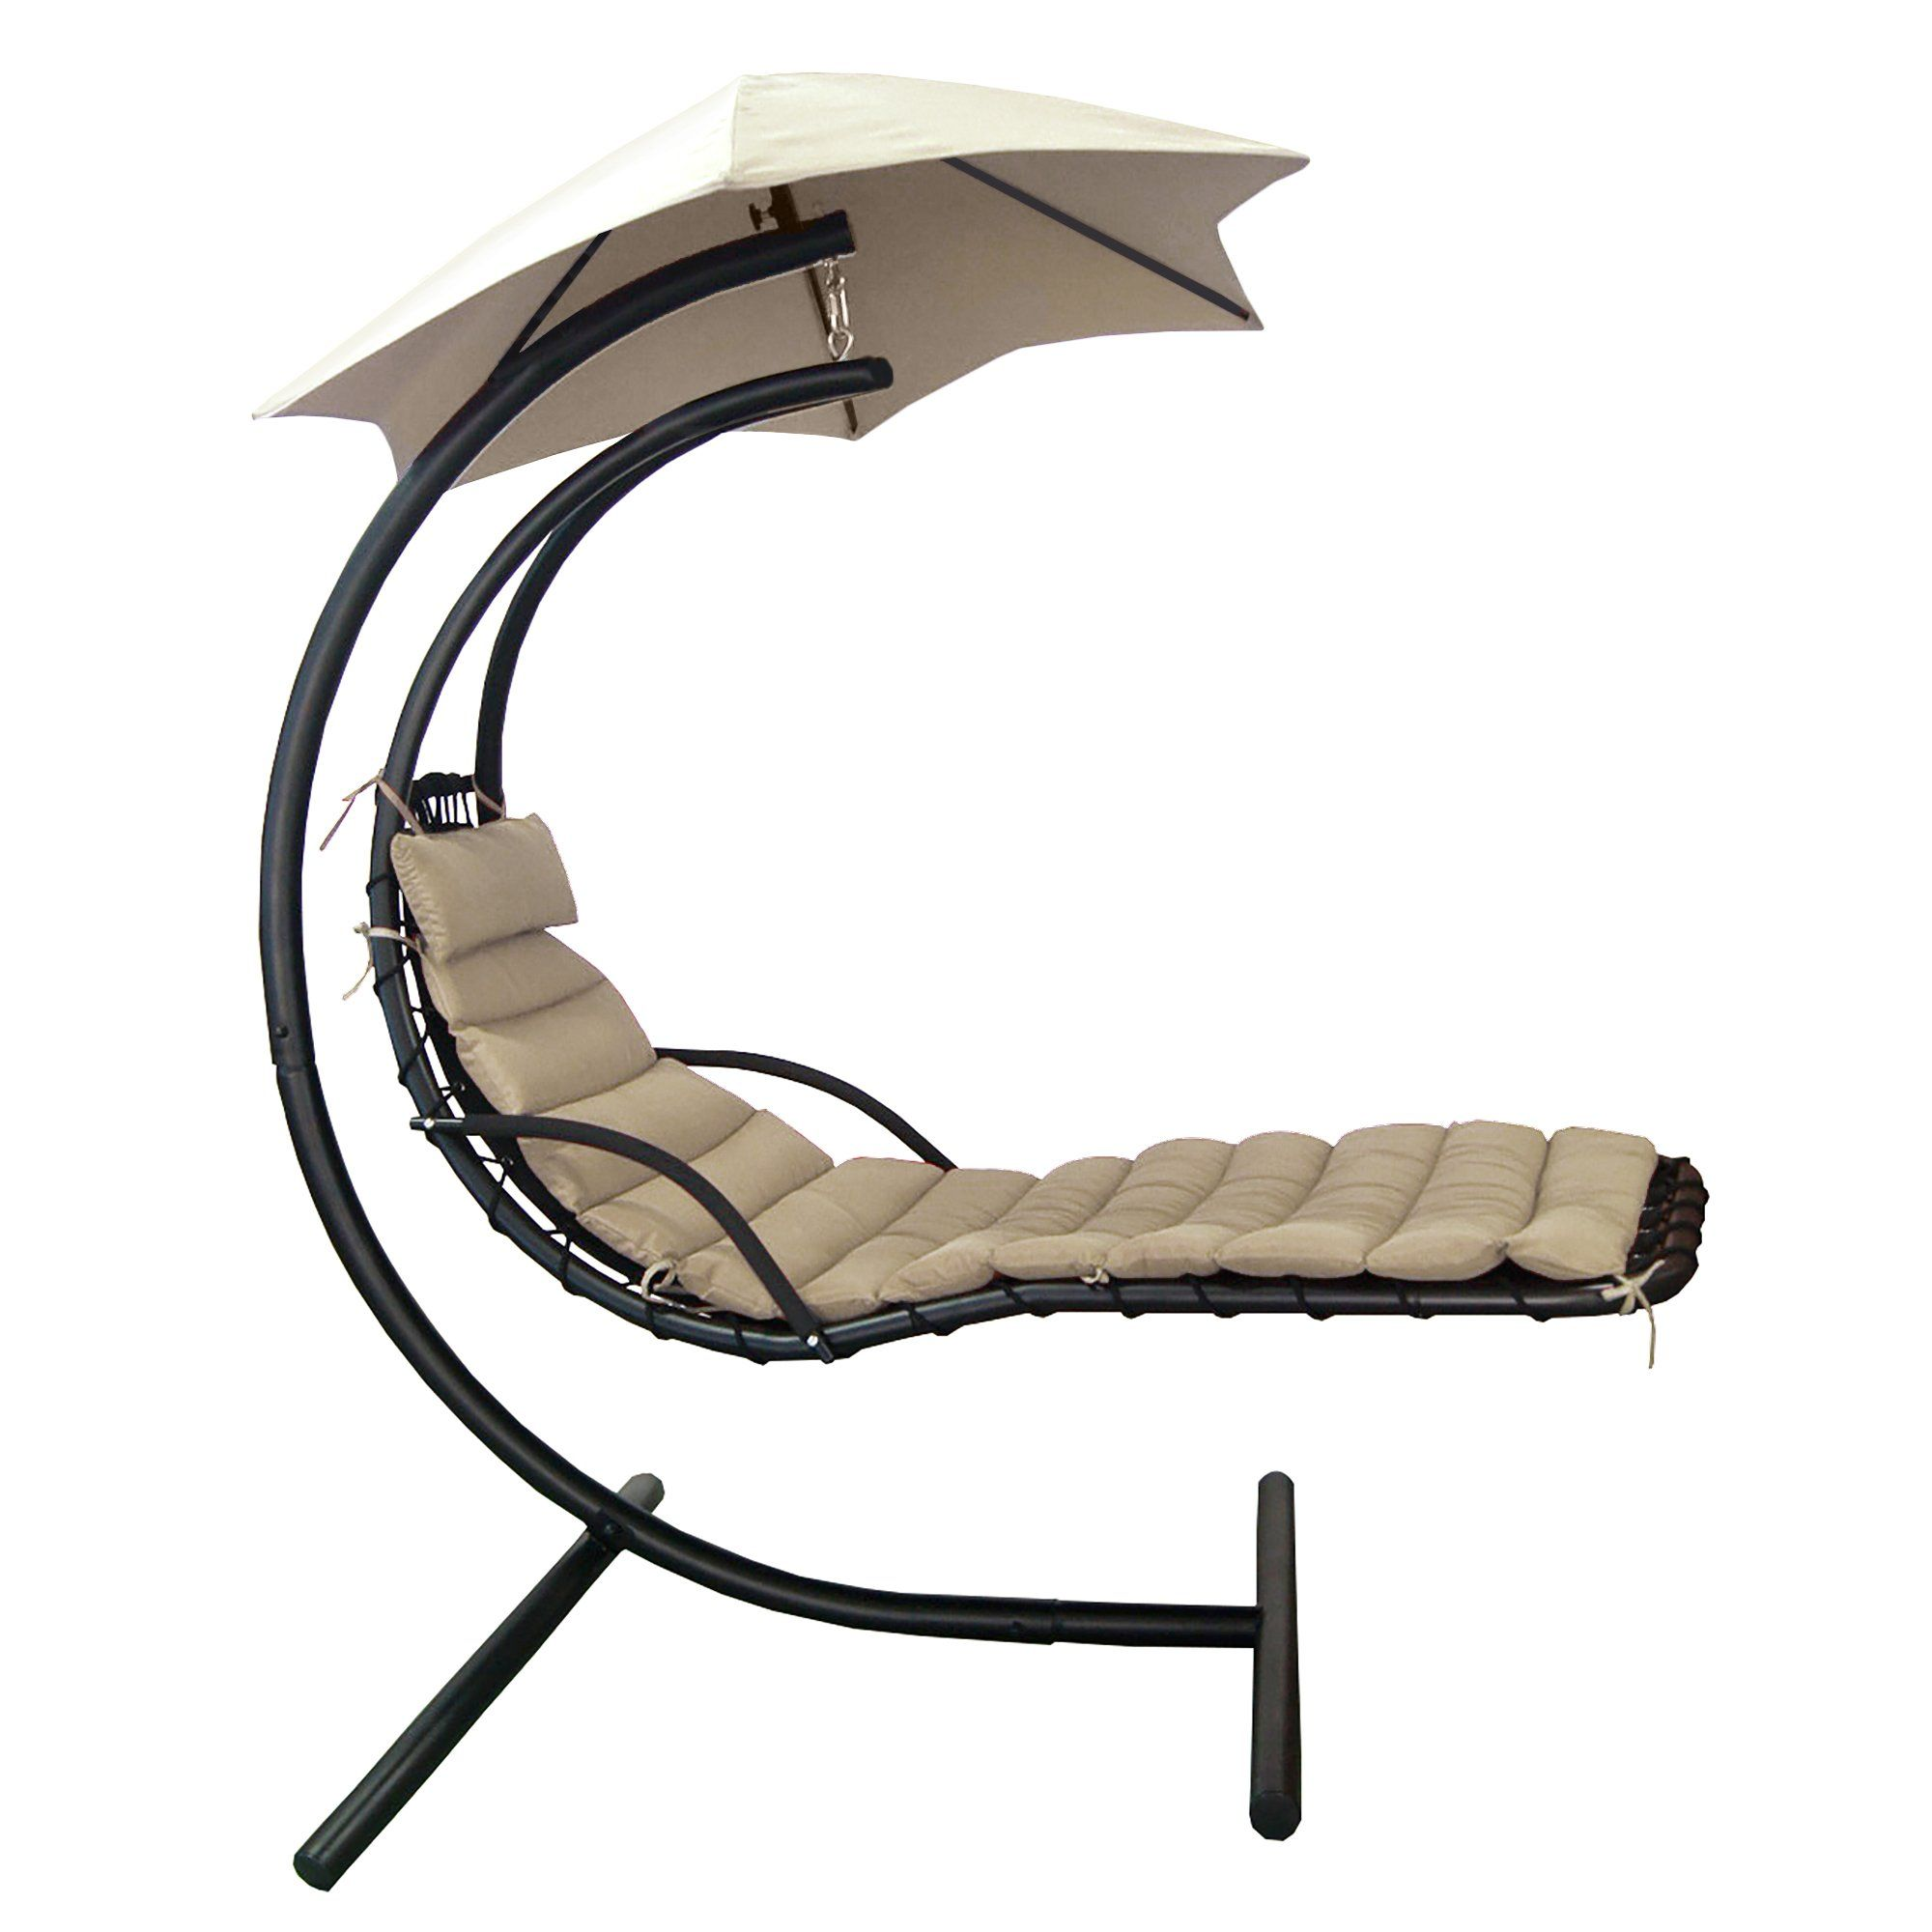 Hängenden Lounge Sessel - Hängende Lounge Chair : Holen Sie sich